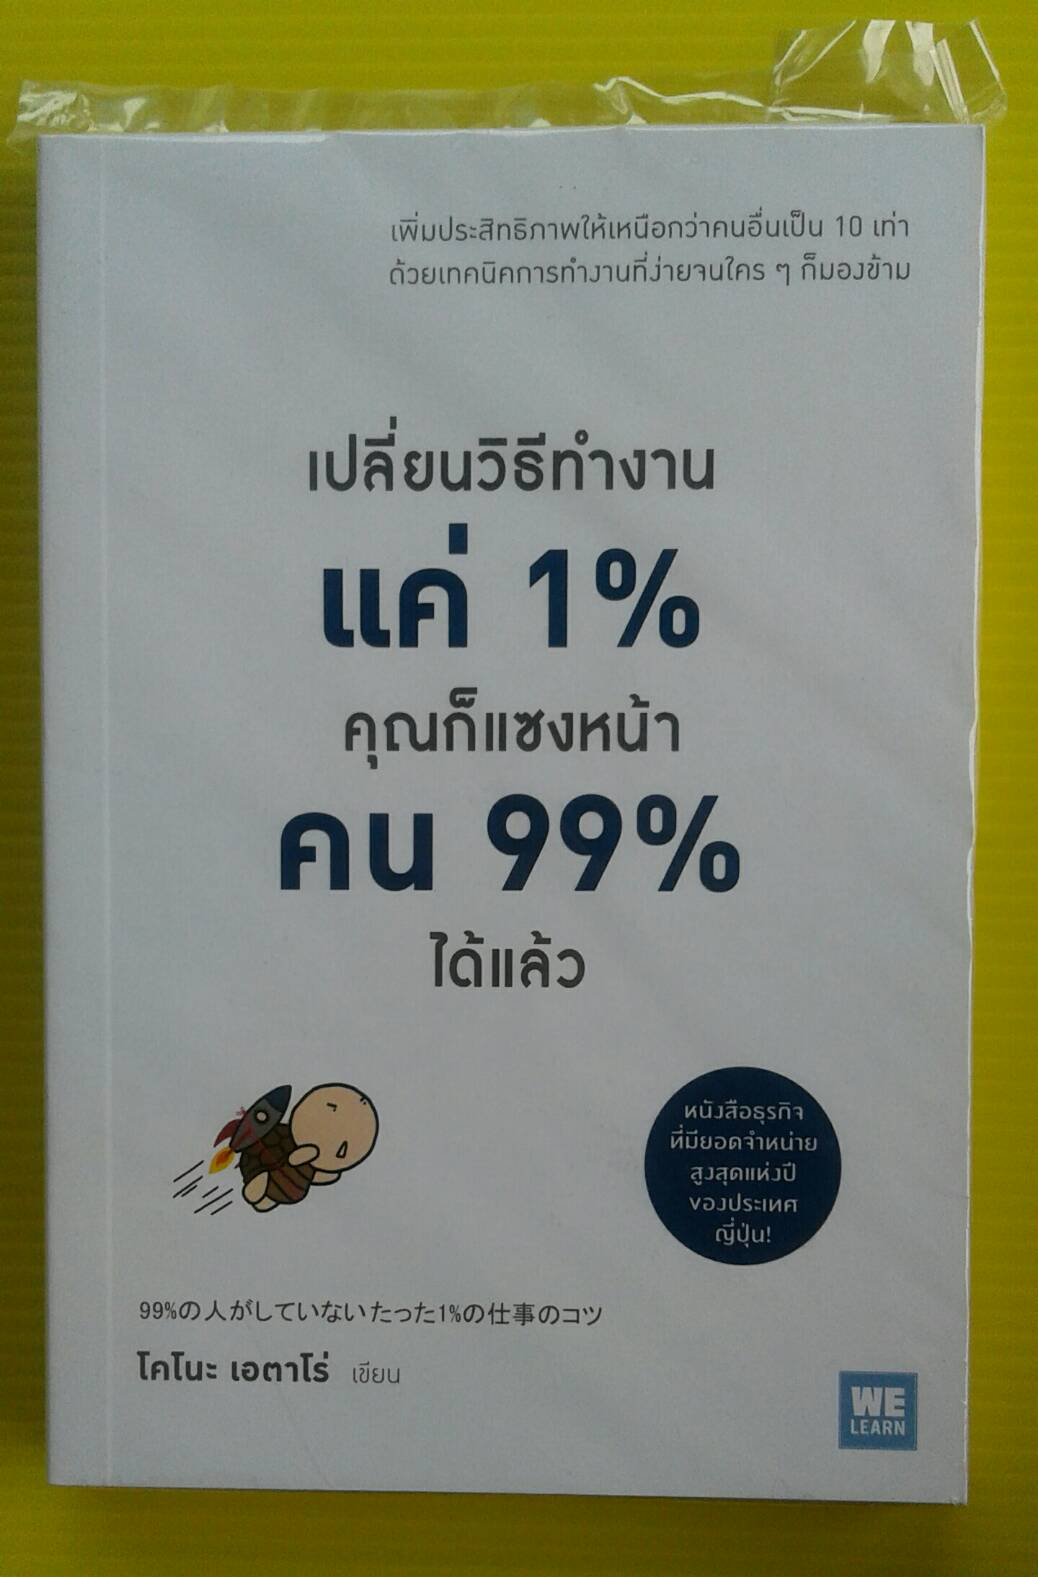 เปลี่ยนวิธีทำงานแค่ 1% คุณก็แซงหน้าคน 99% ได้แล้ว